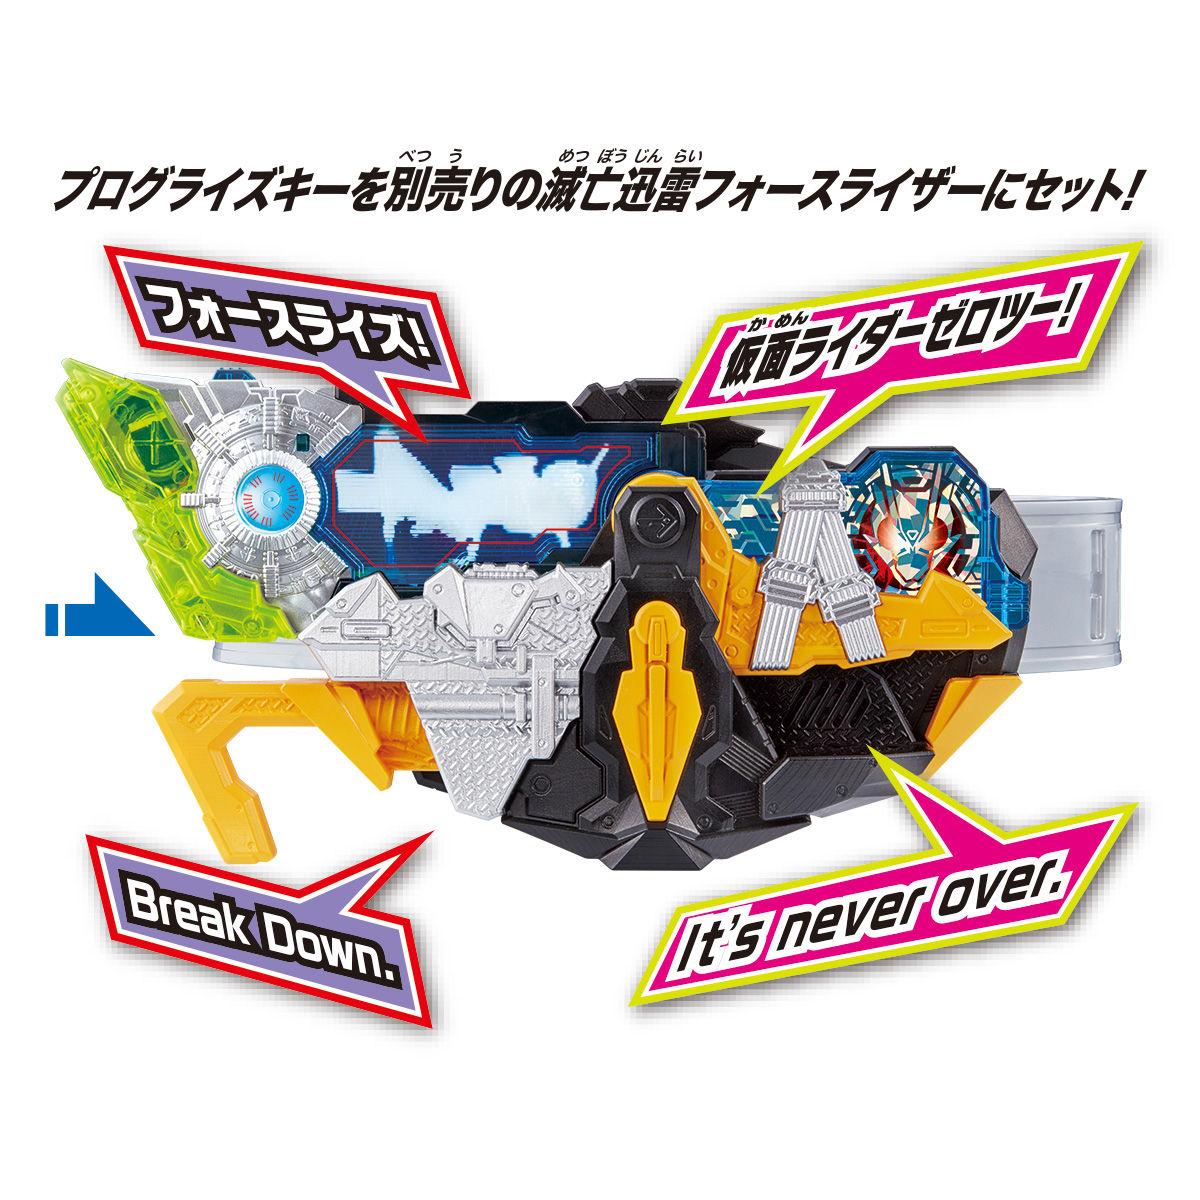 変身ベルト『DXゼロツープログライズキー&ゼロツードライバーユニット』変身なりきり-009